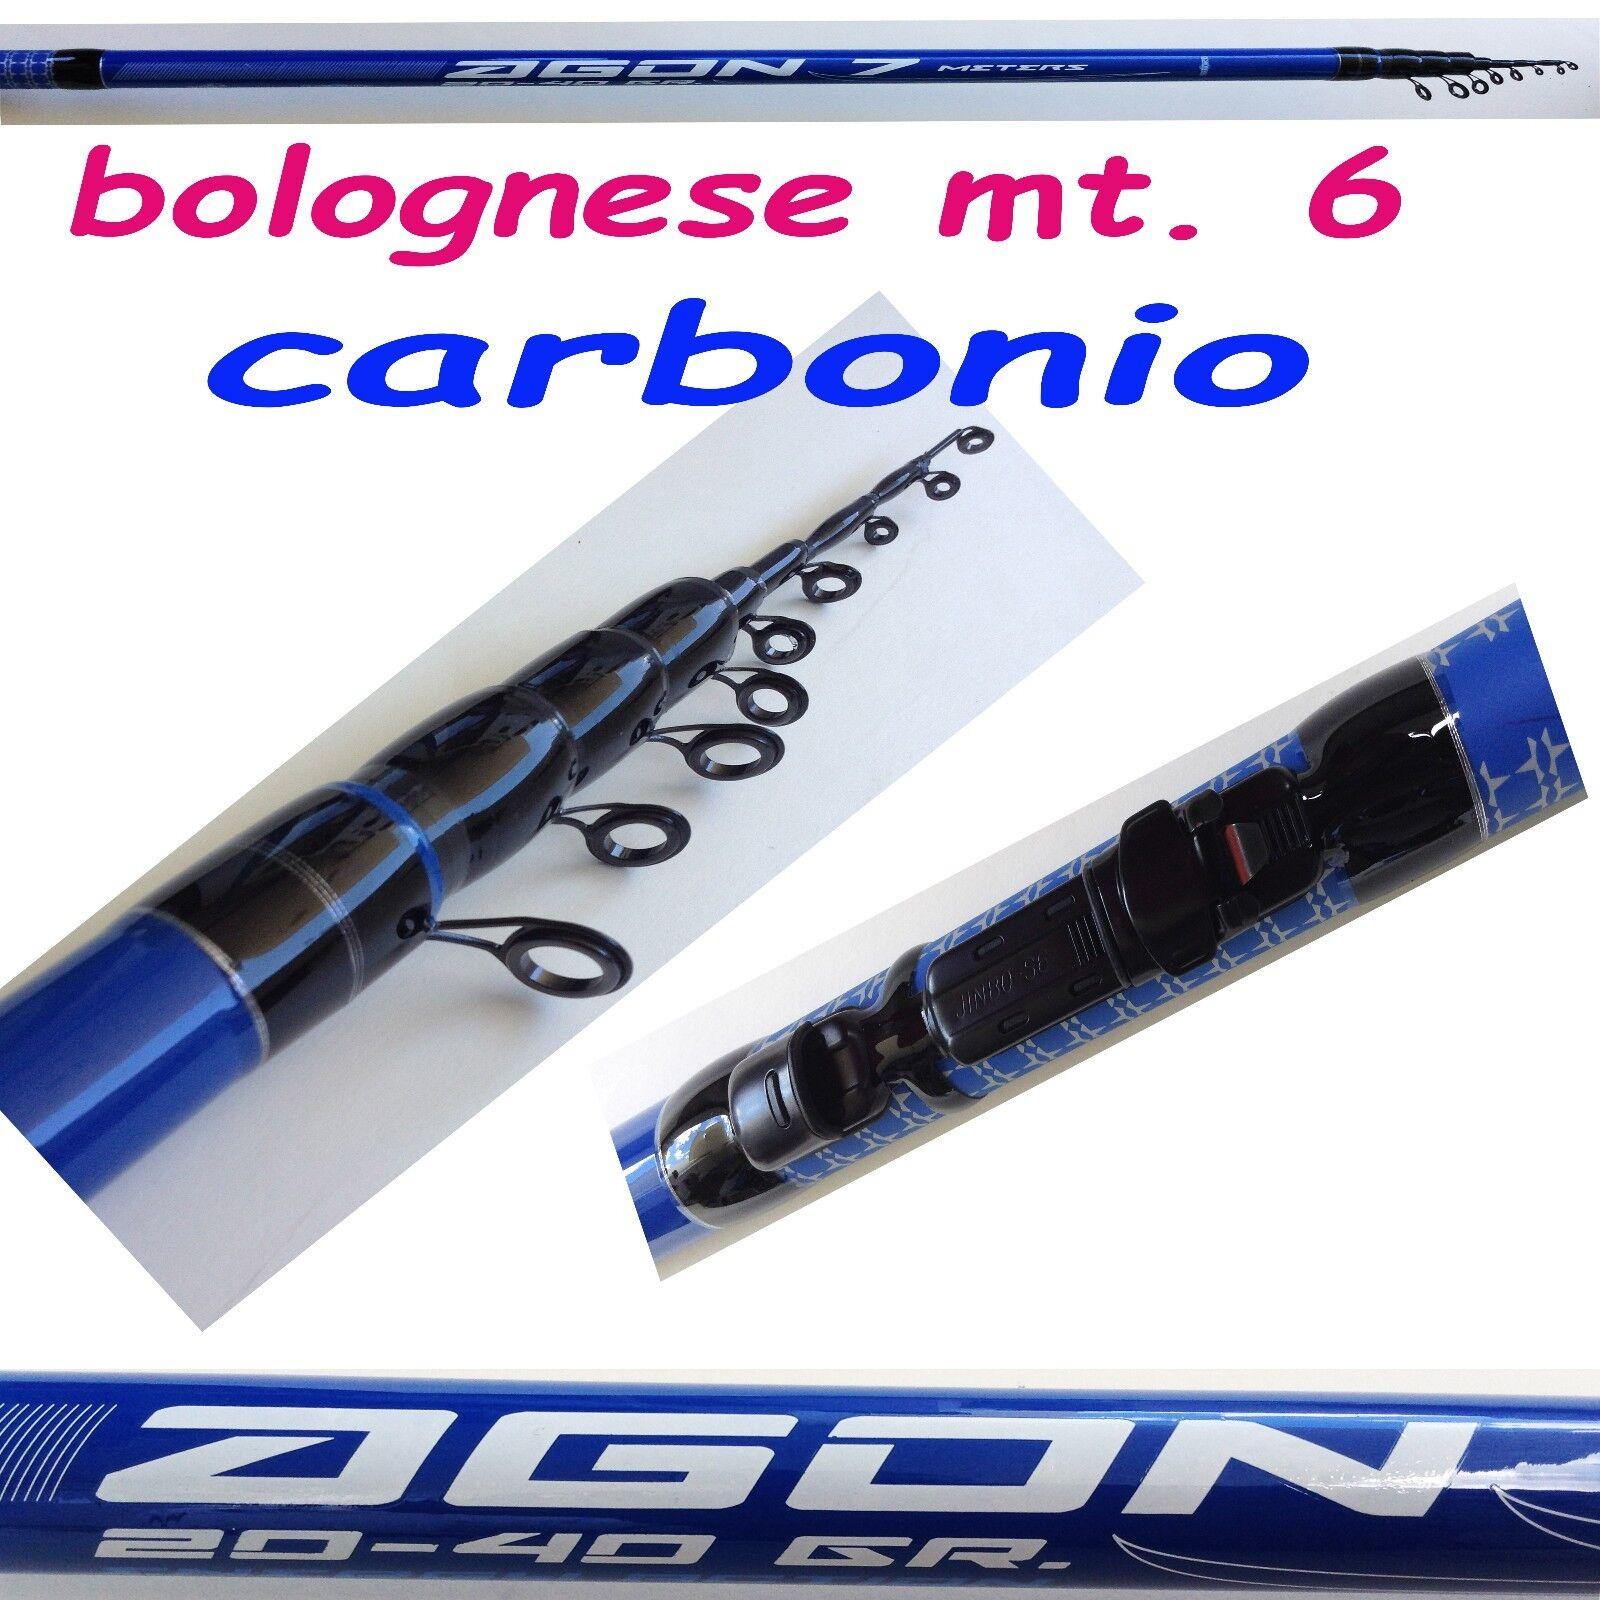 Bolognese 6 metri in carbonio canna pesca con mulinello mare lago fiume carpa kx